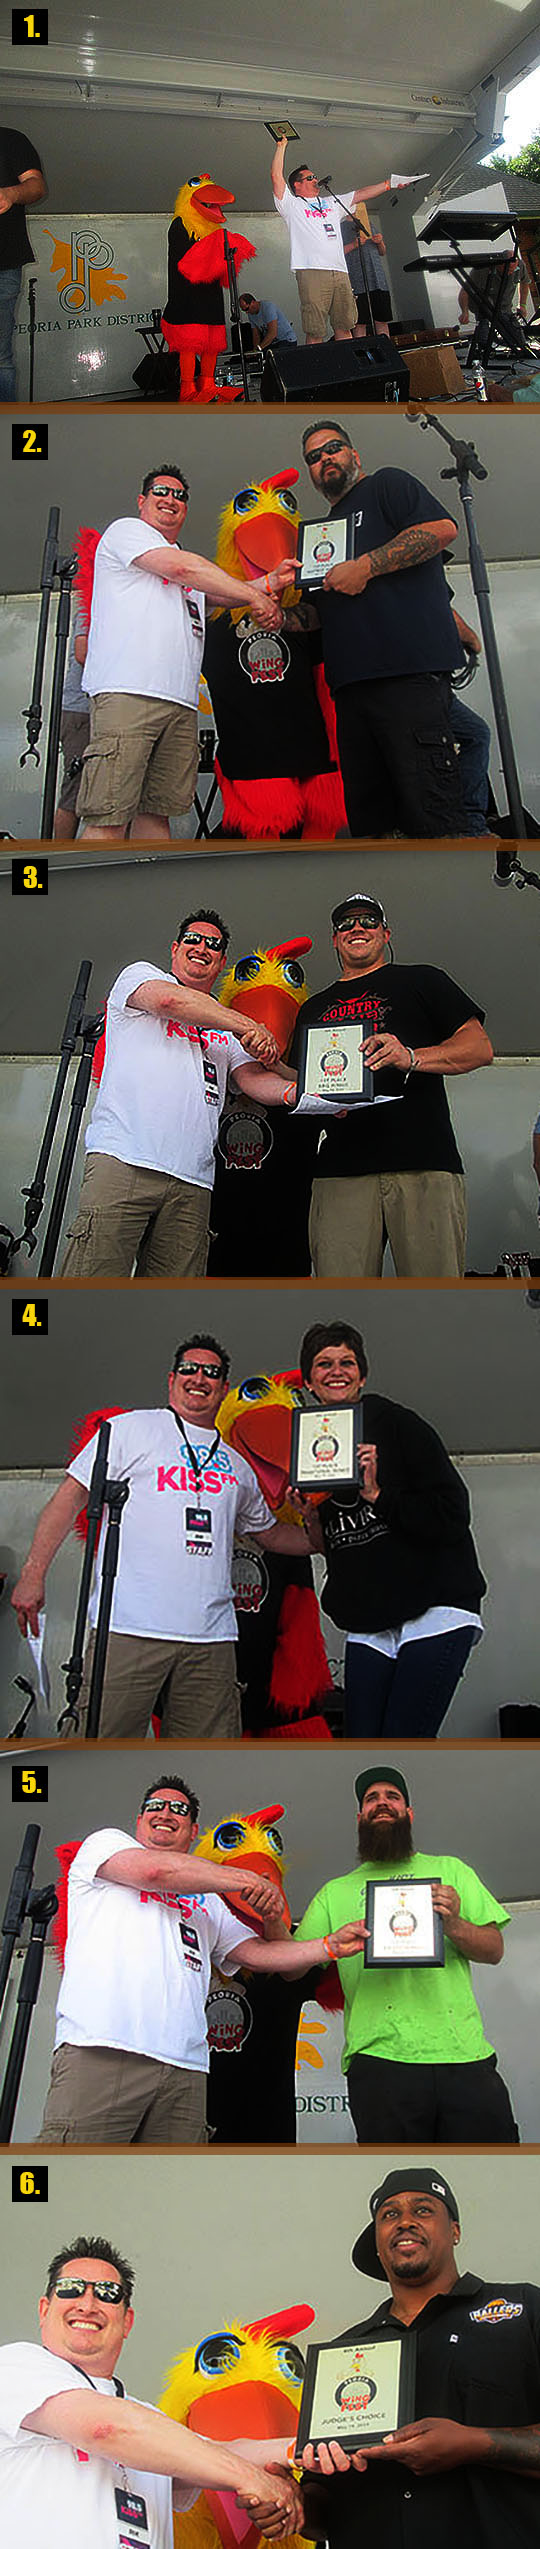 15b. awards_5-21-19.jpg